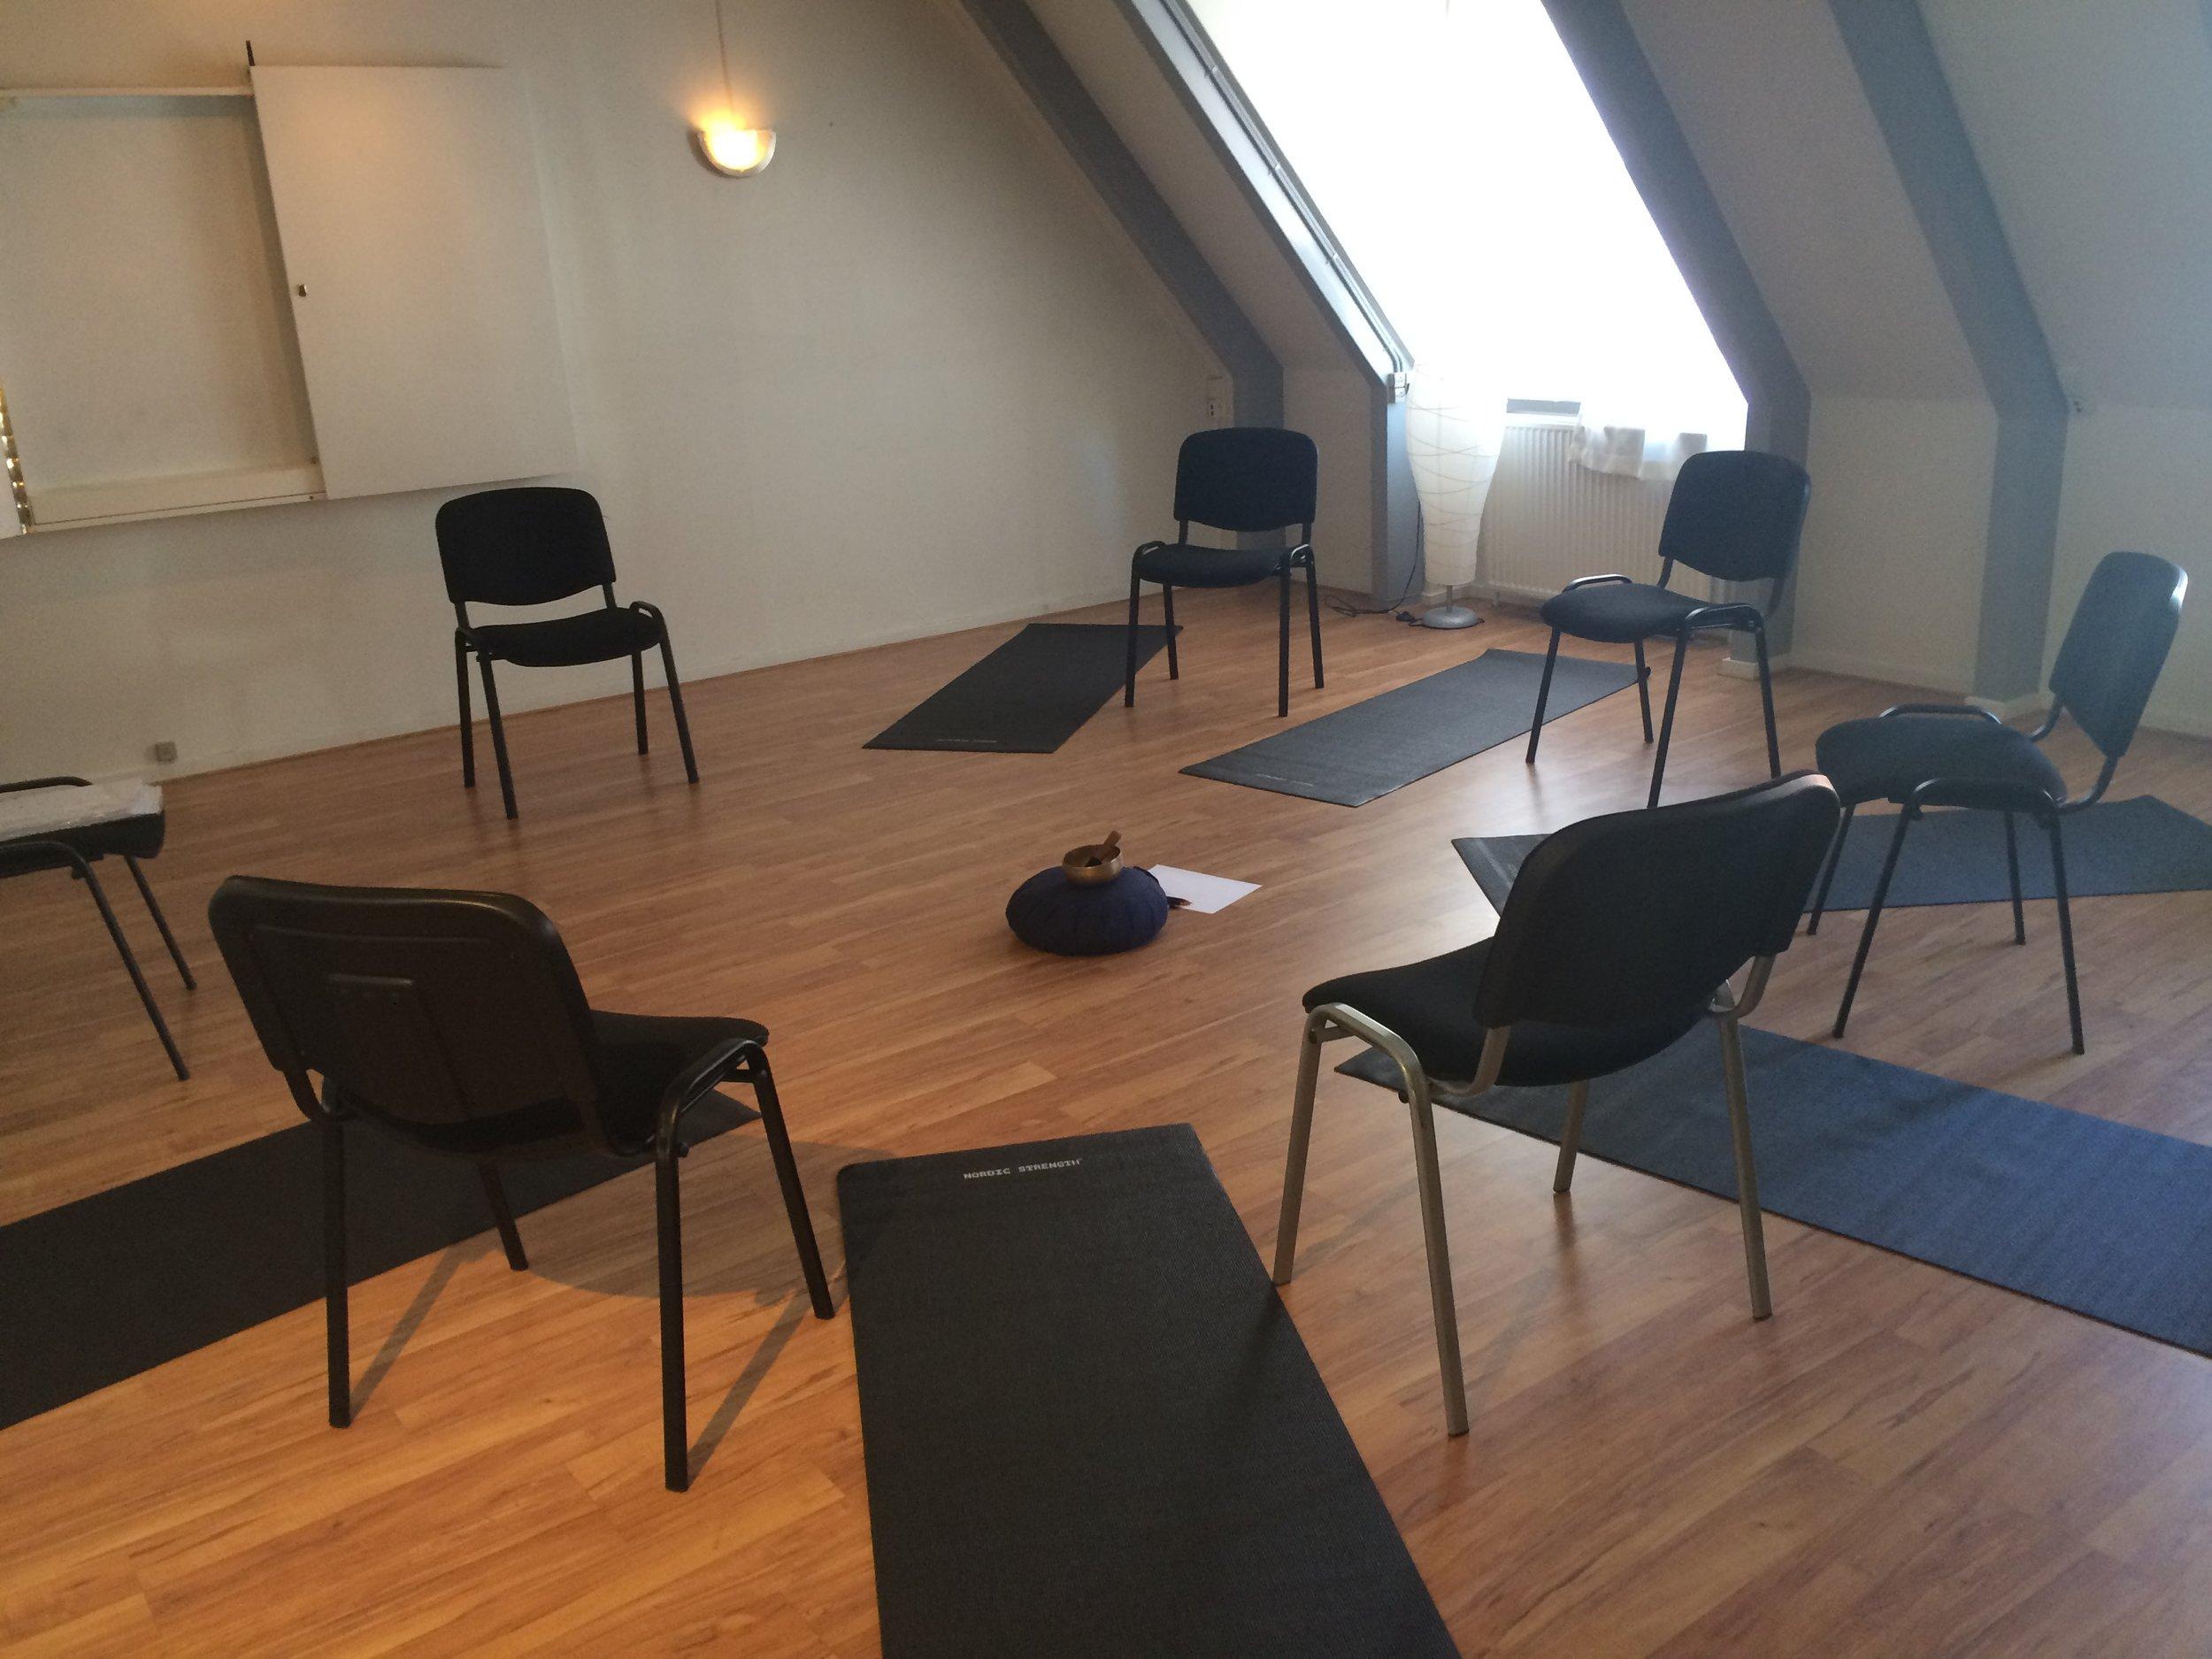 grupperum med stole og måtter.JPG